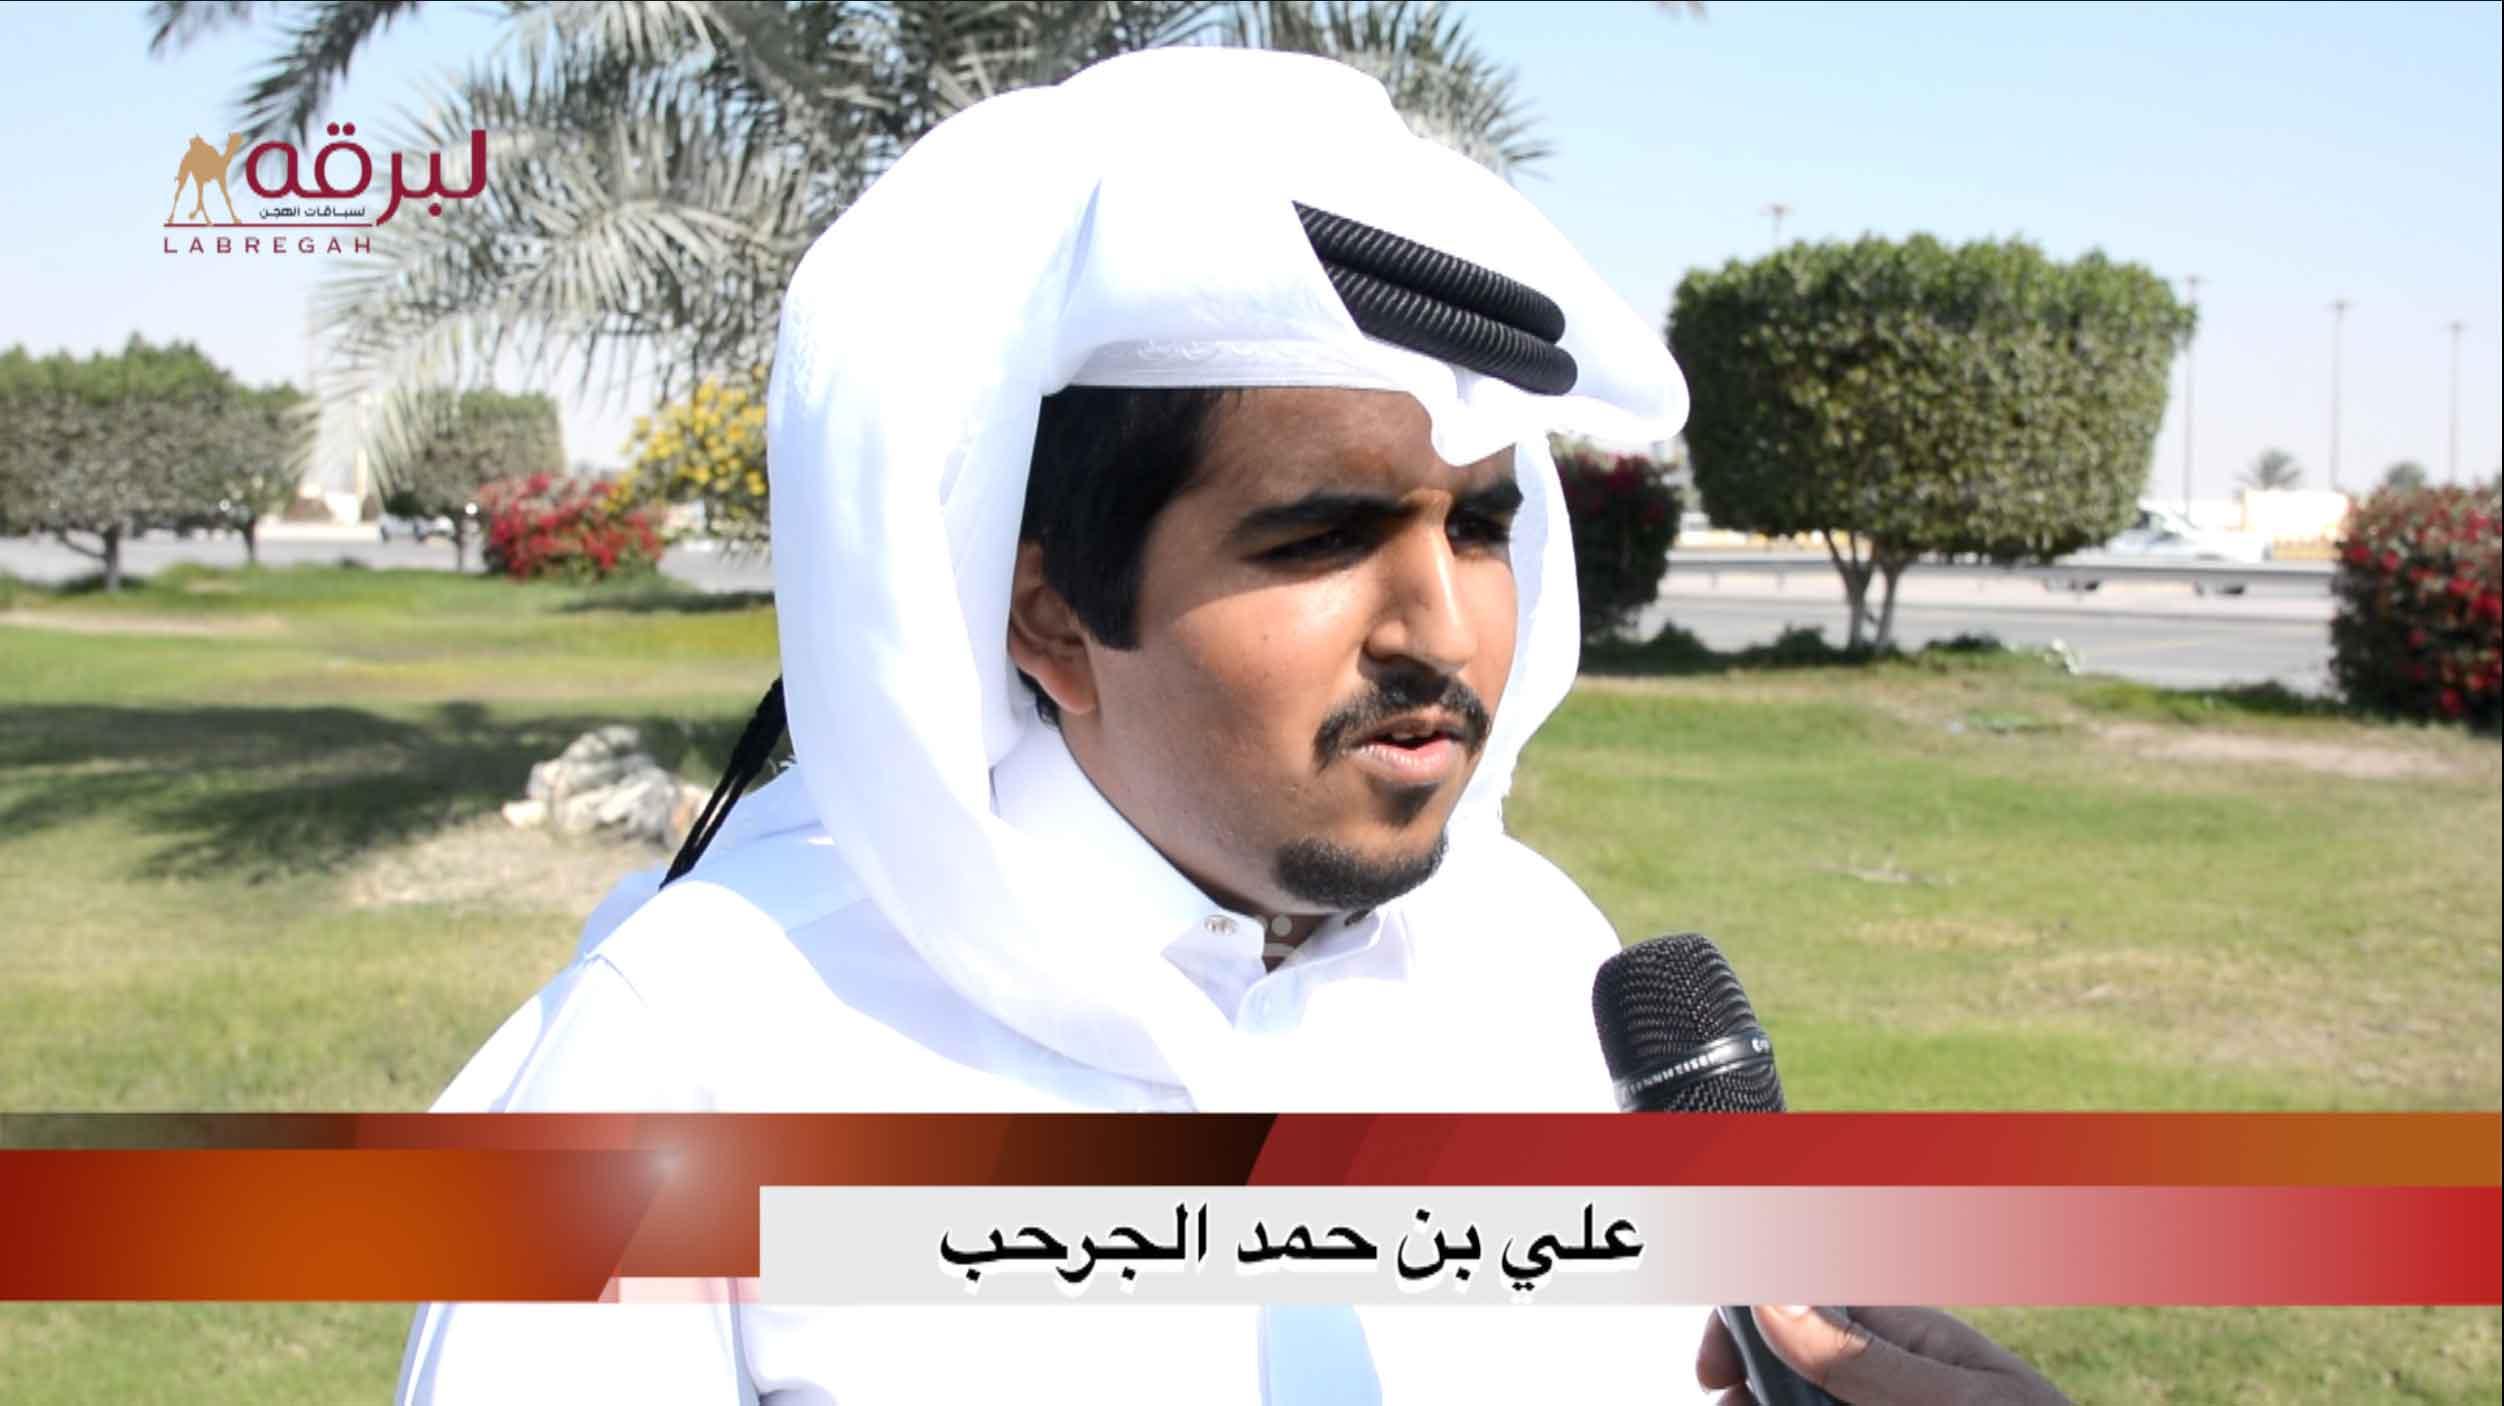 لقاء مع علي بن حمد الجرحب.. الشوط الرئيسي جذاع بكار « إنتاج » الأشواط العامة  ٢٧-٢-٢٠٢١